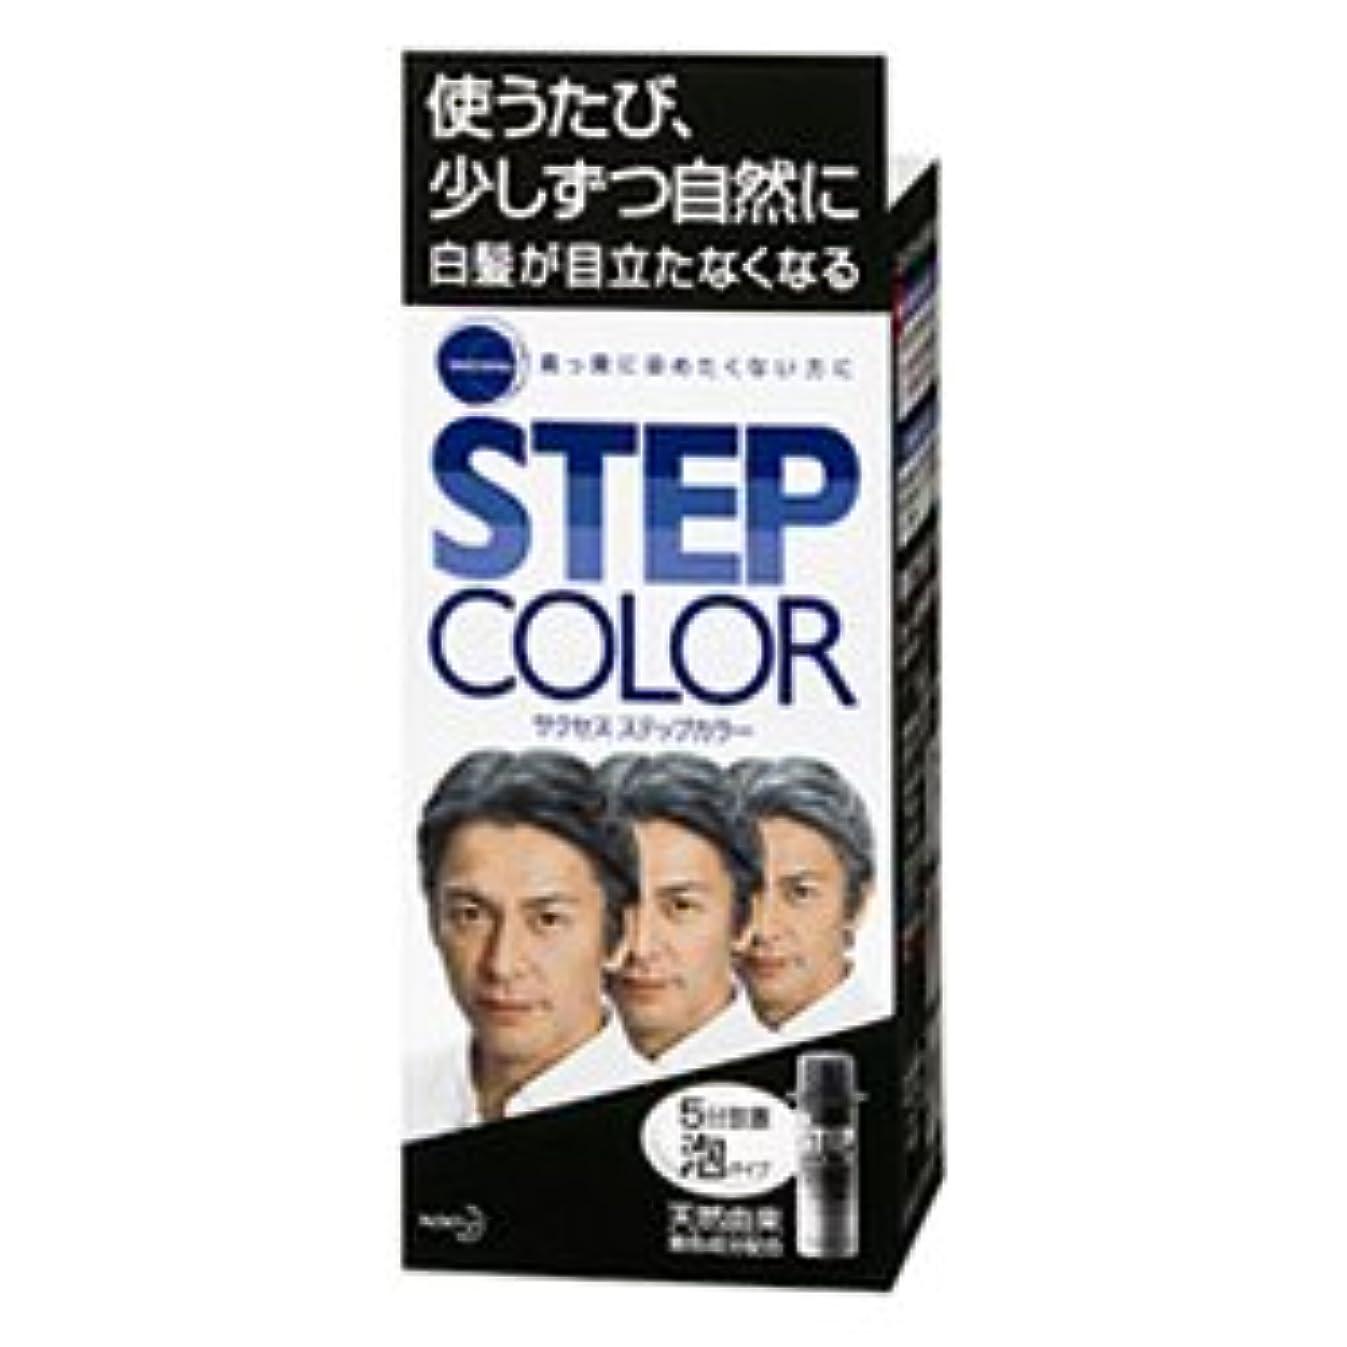 不合格受賞キャンペーン【花王】サクセスステップカラー 110g ×10個セット